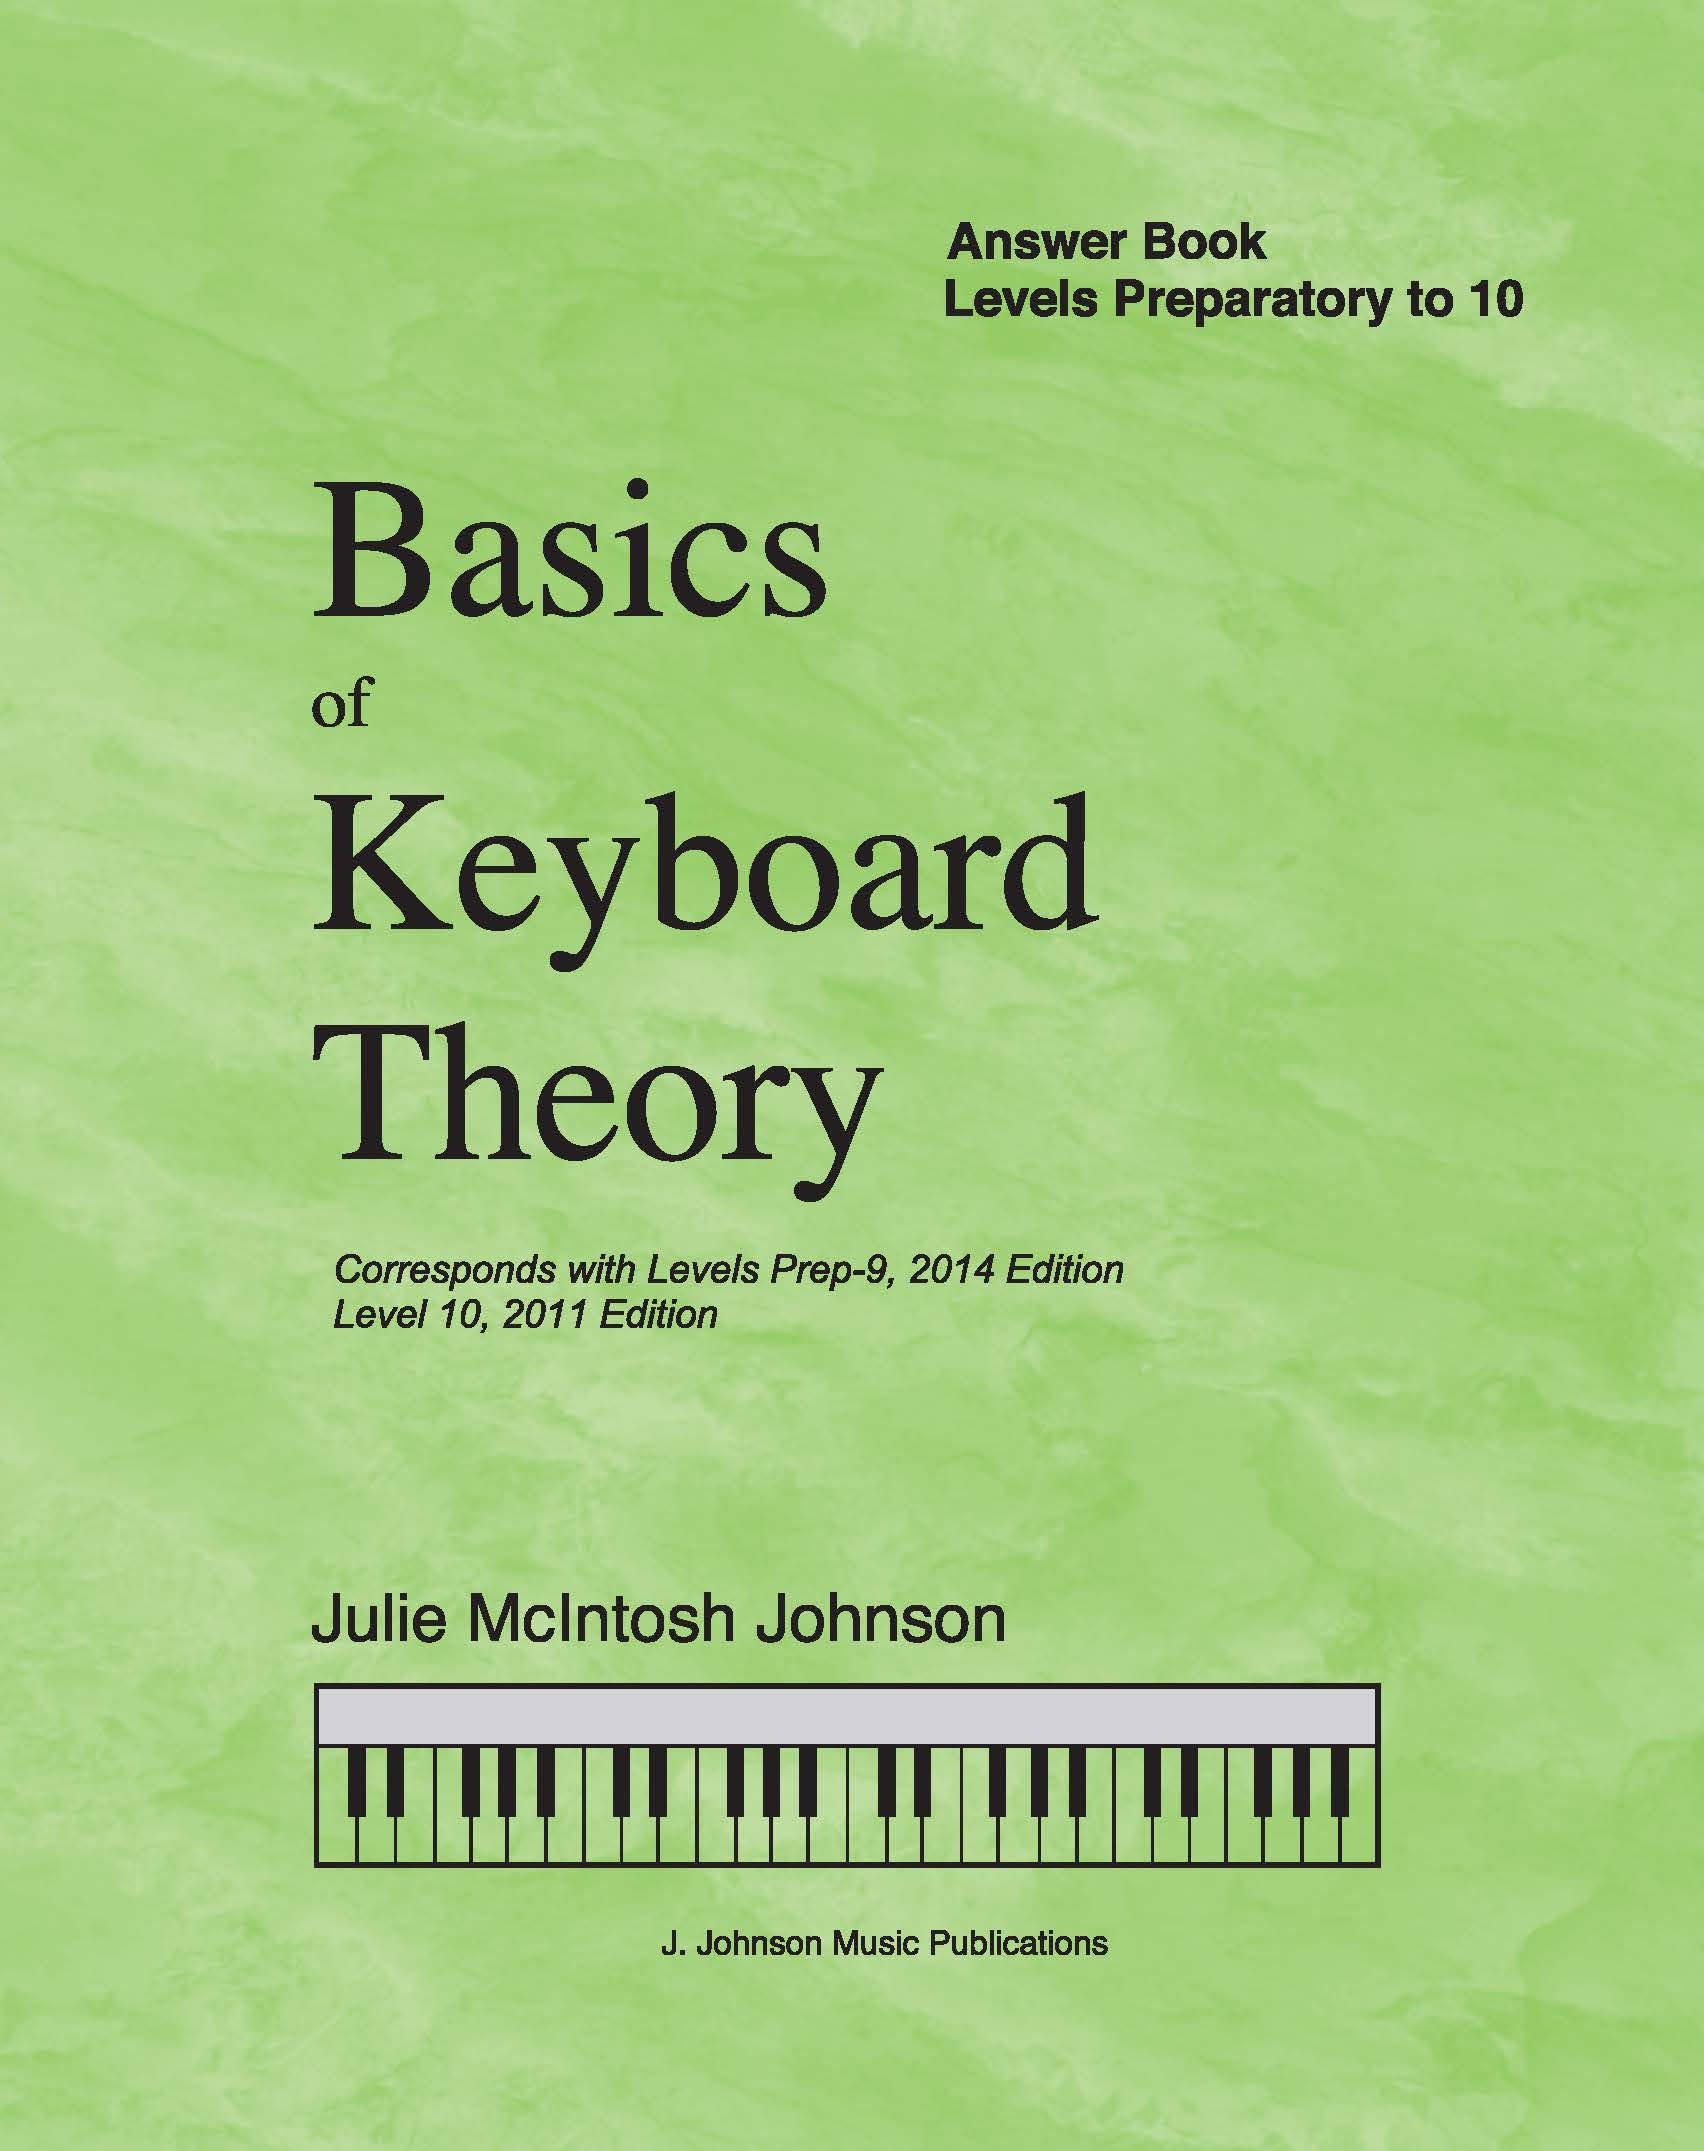 Basics of Keyboard Theory Answer Book